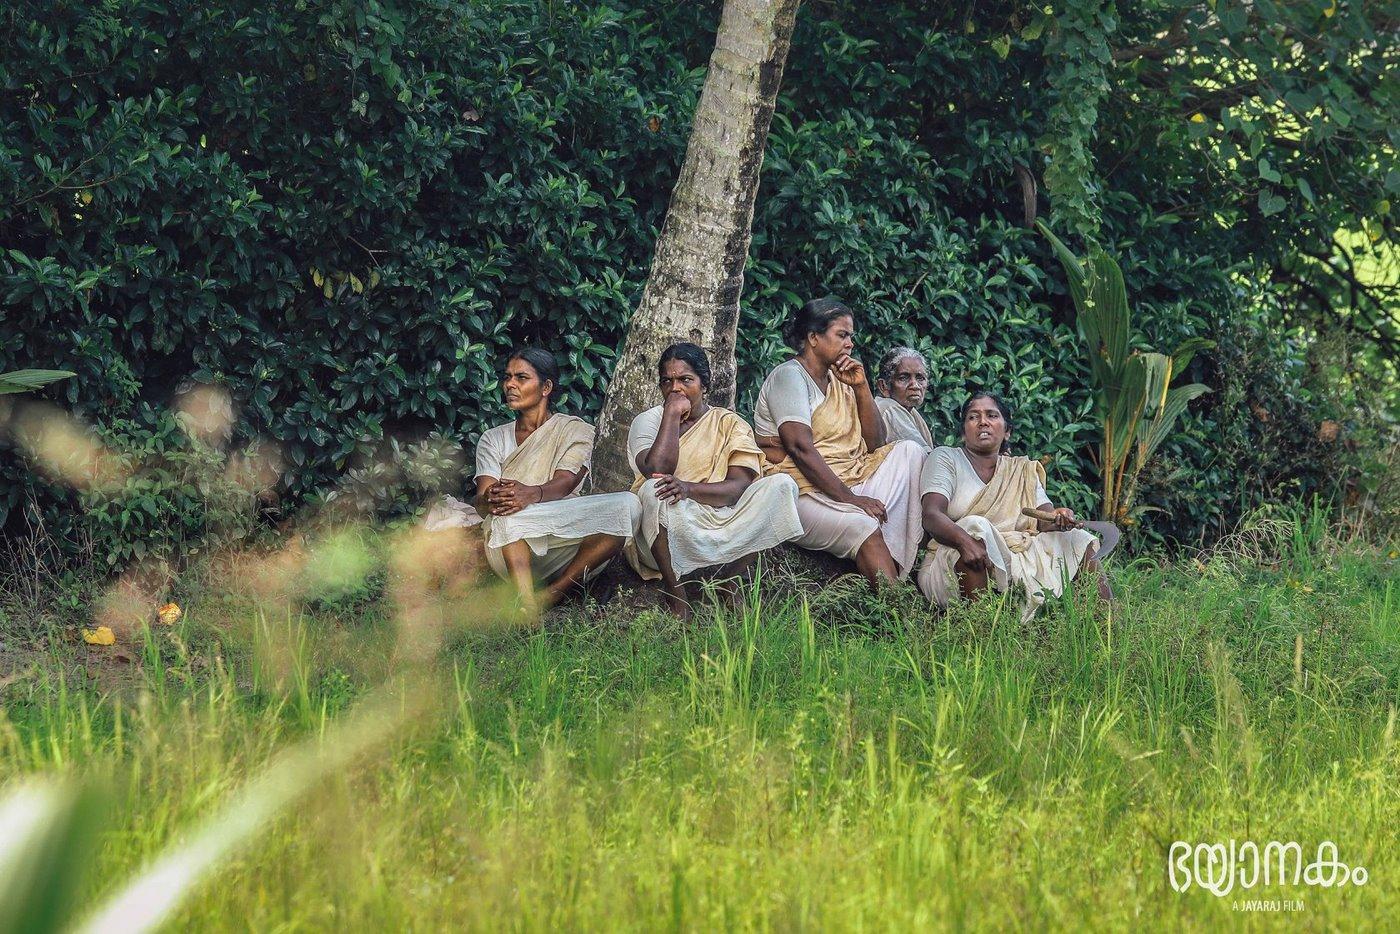 bhayanakam movie images